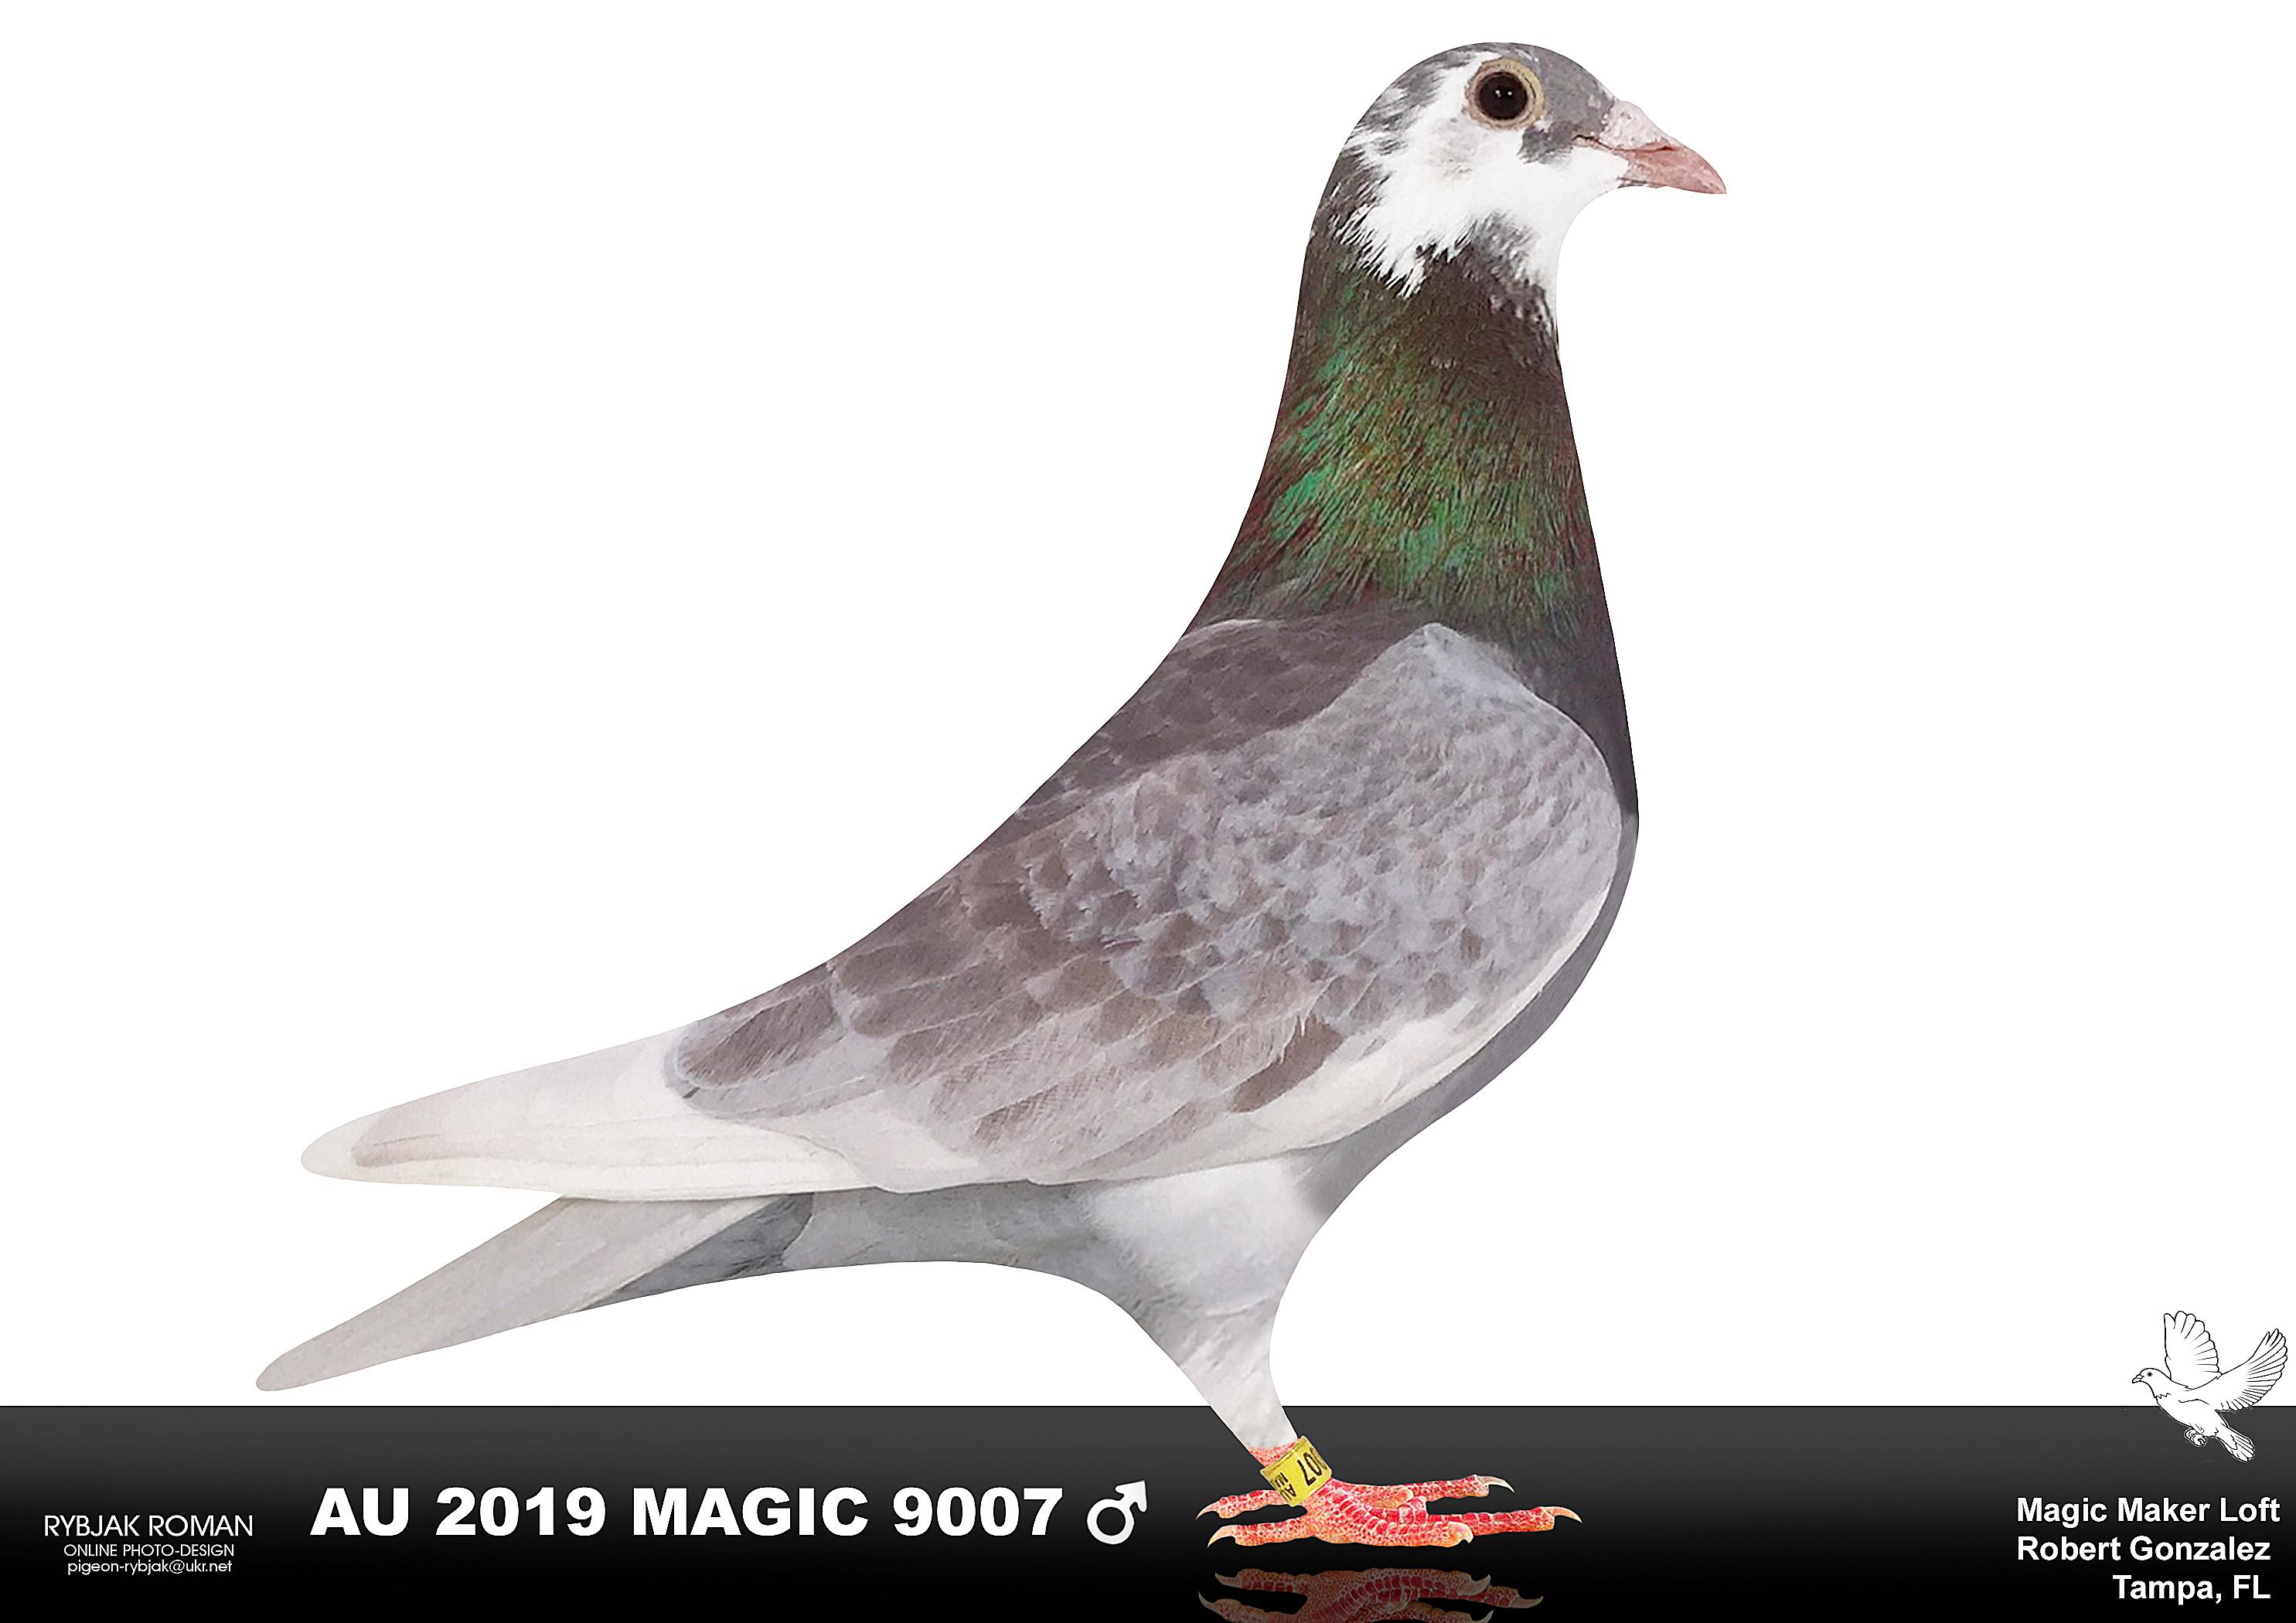 AU 2019 Magic 9007 RC Splash Hen